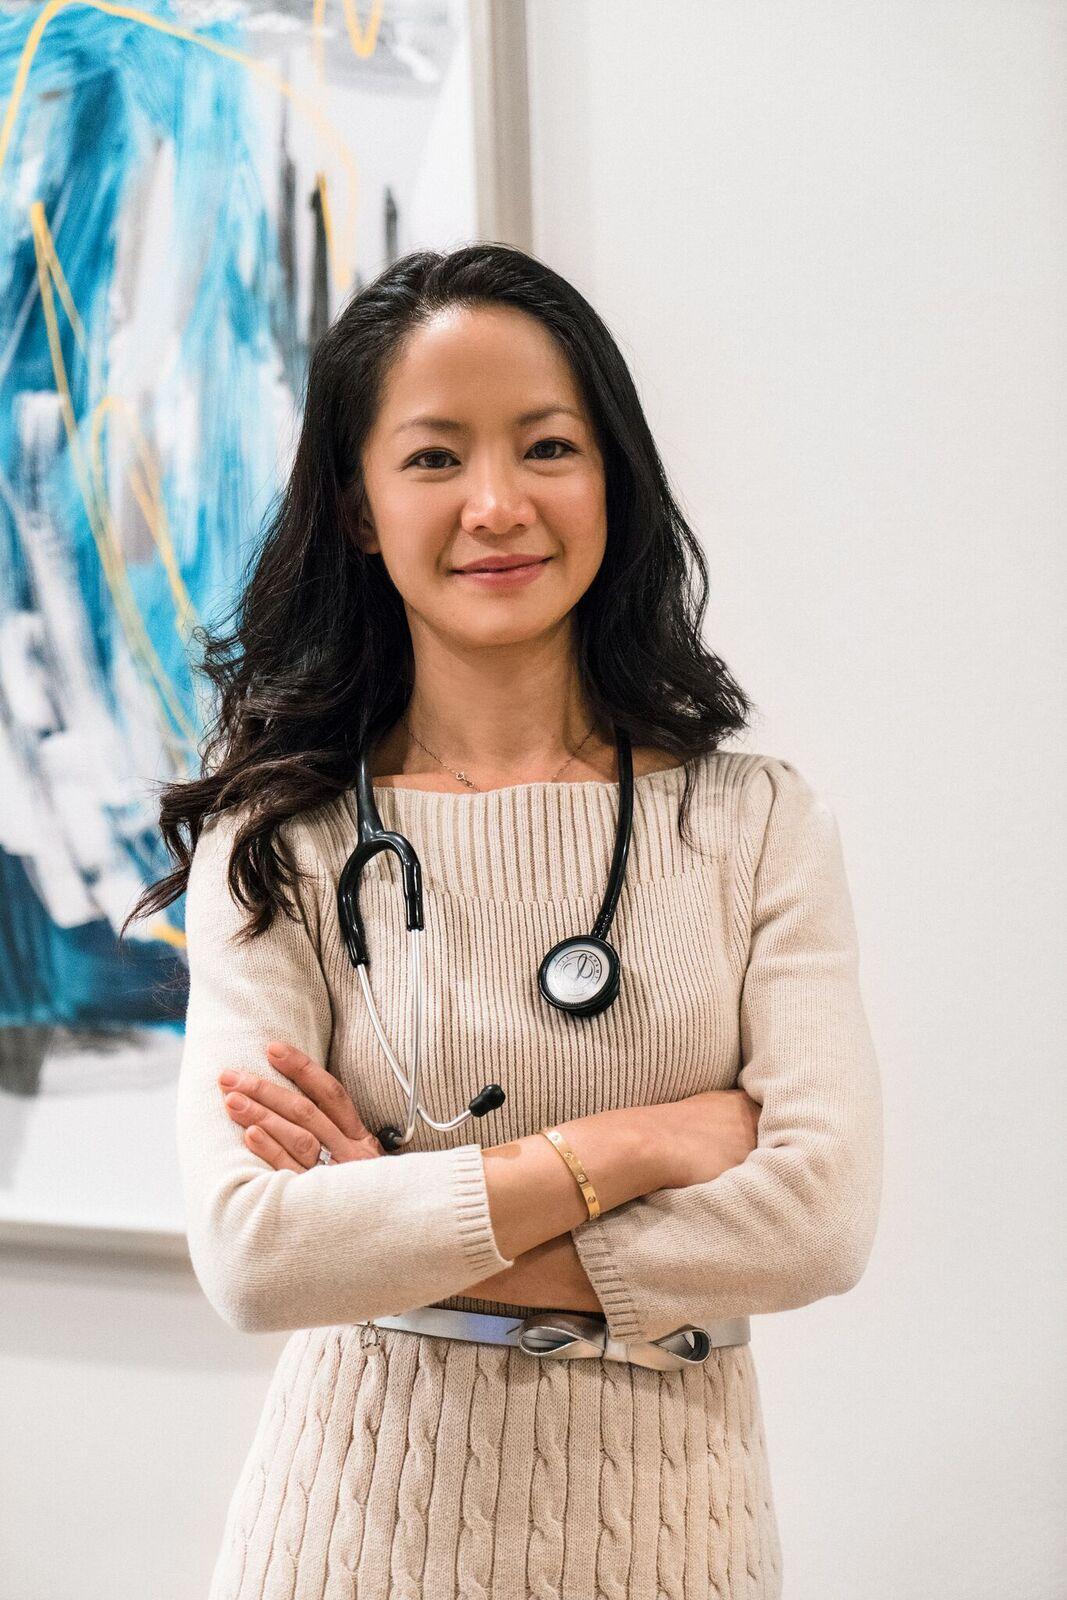 Meet Our Guest Writer… - Dr. Vivian Chen